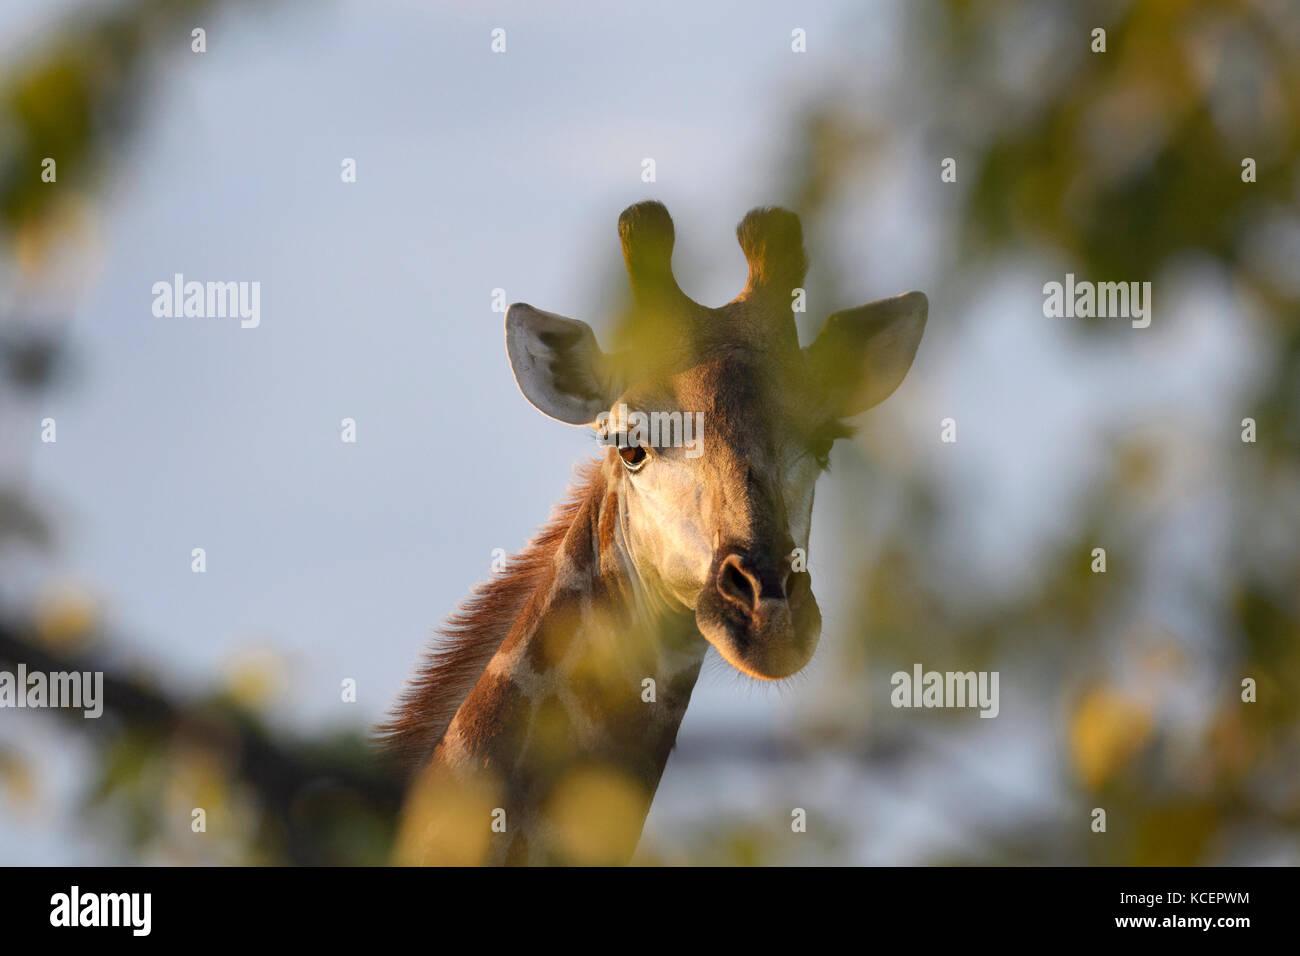 Jirafa (giraffa camelopardalis) mirando a la cámara desde detrás de un árbol, el parque nacional Imagen De Stock